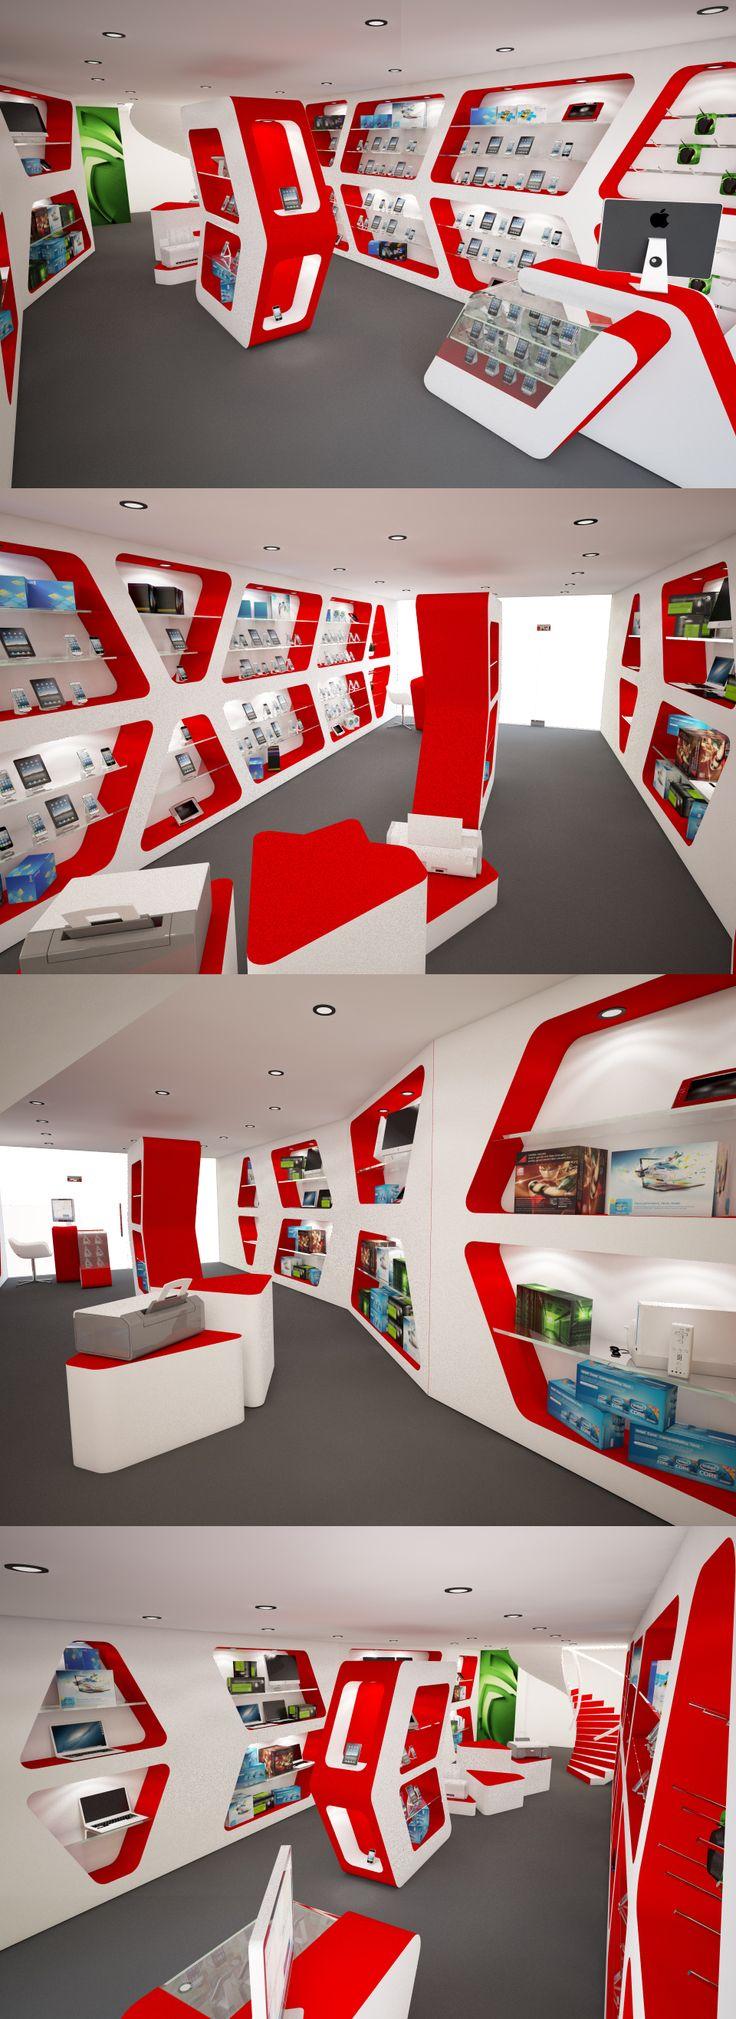 3D interior design of a shop